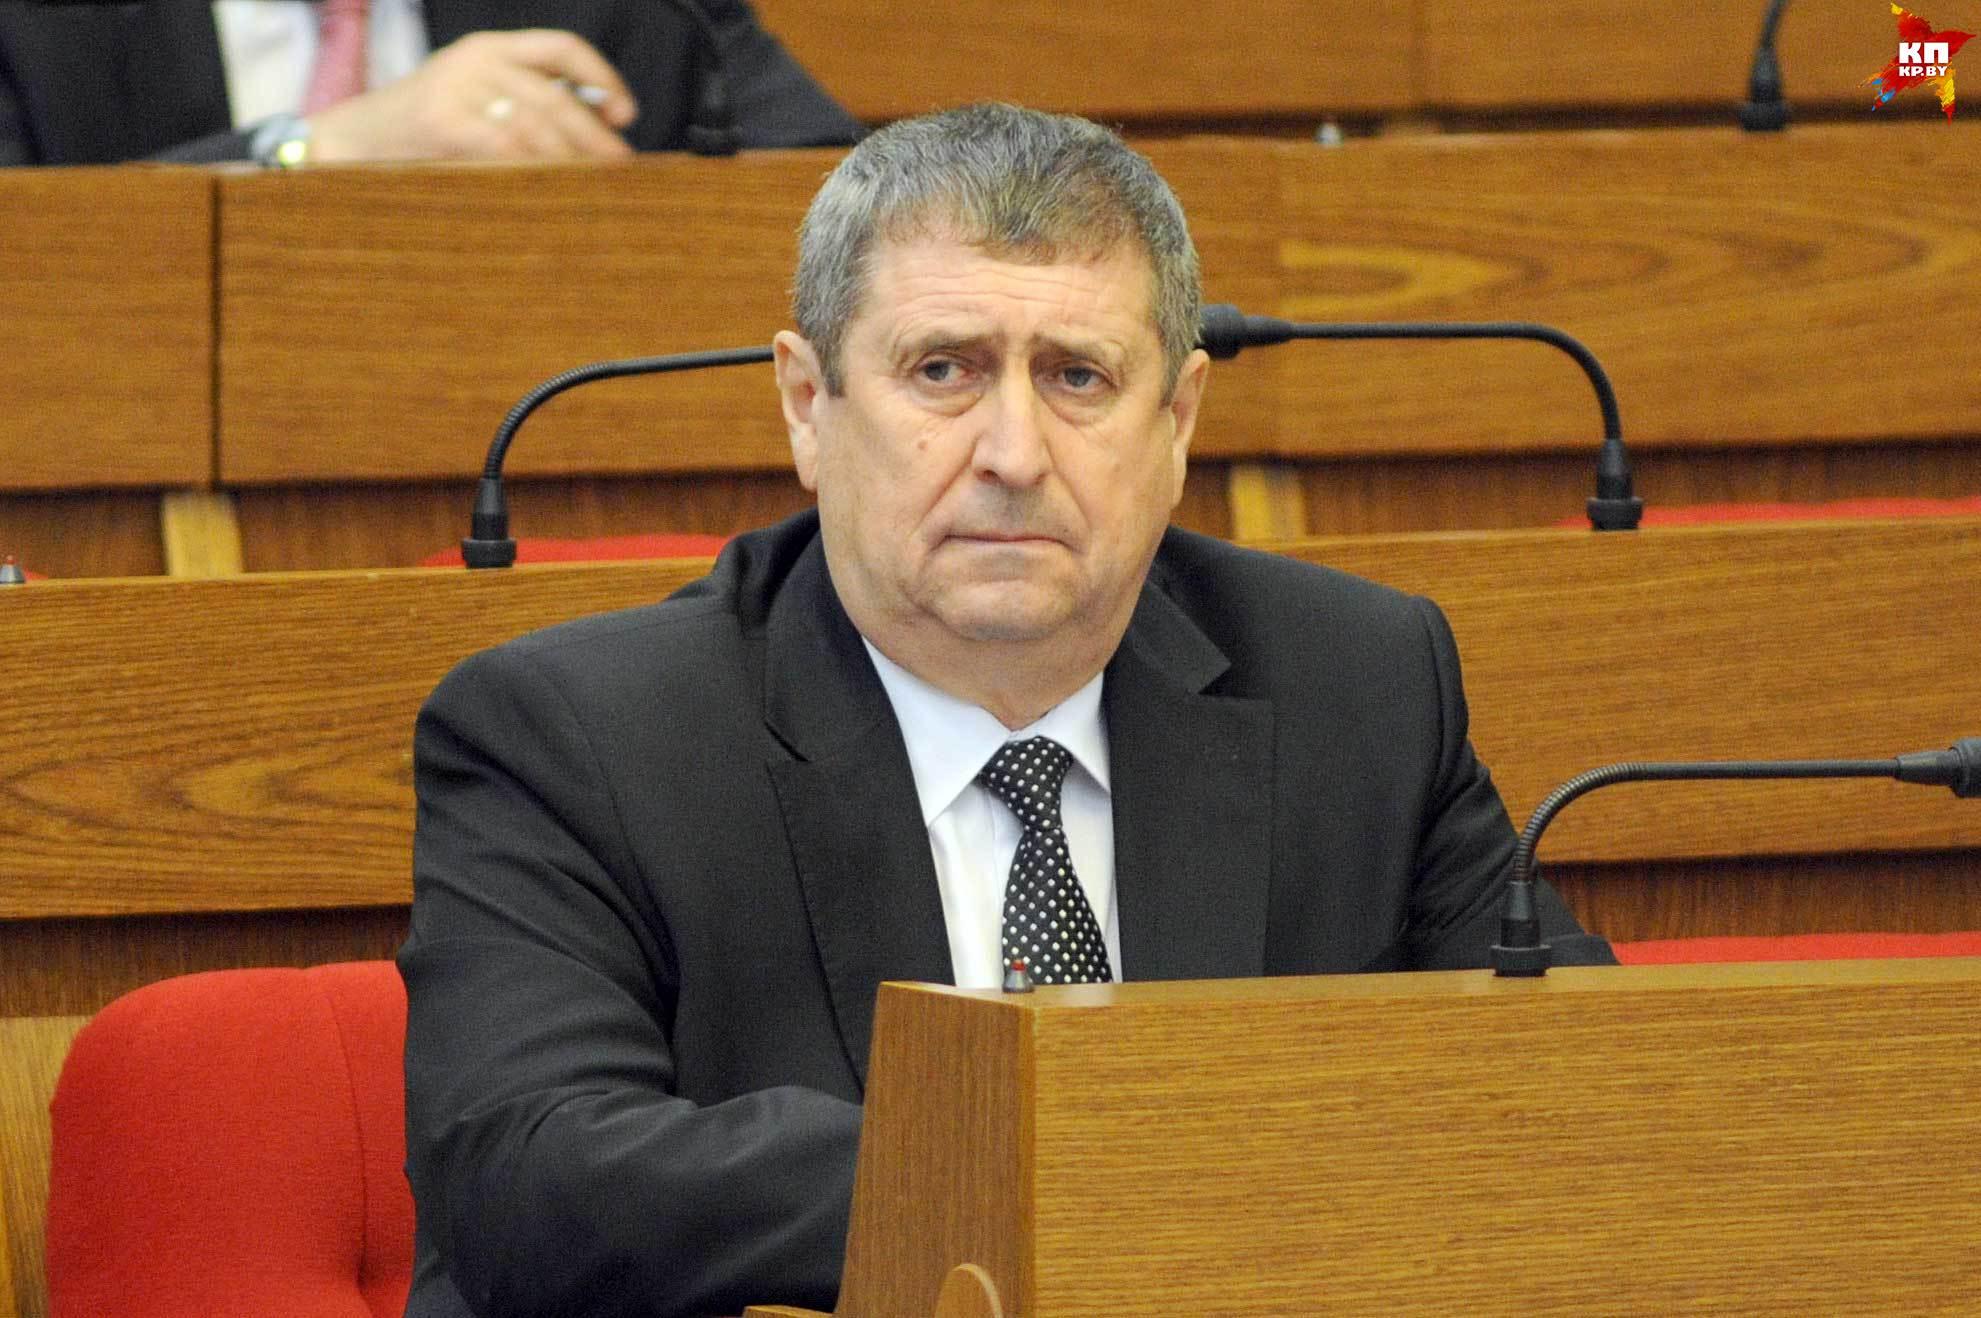 Михаил Русый объяснил, как правильно с точки зрения закона решать спорные моменты, возникающие по поставкам белорусских товаров в Россию.